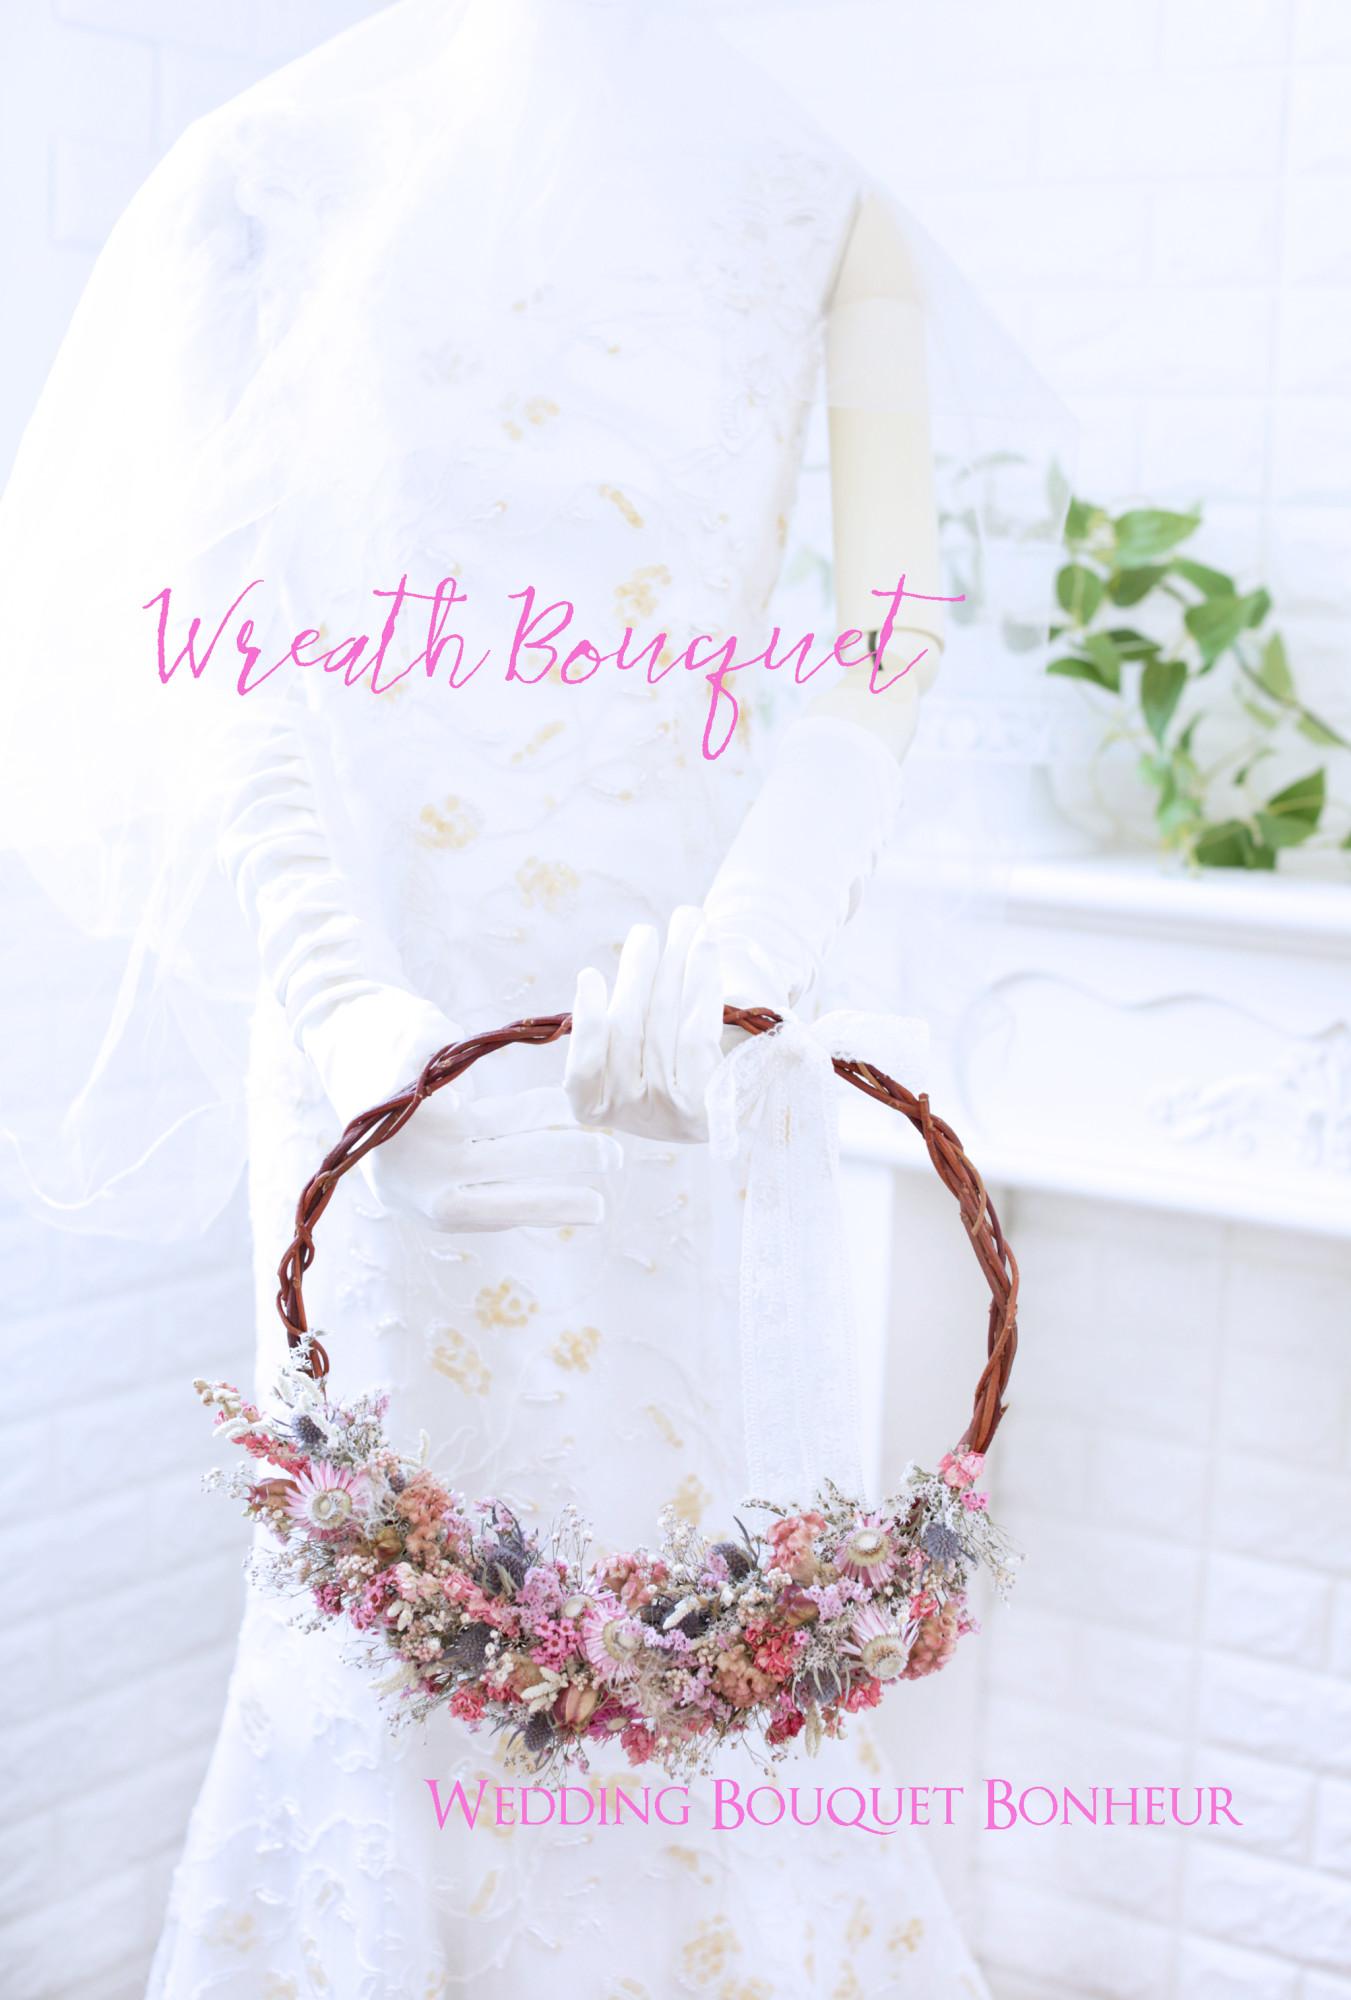 b_wreathbouquet20180411_4